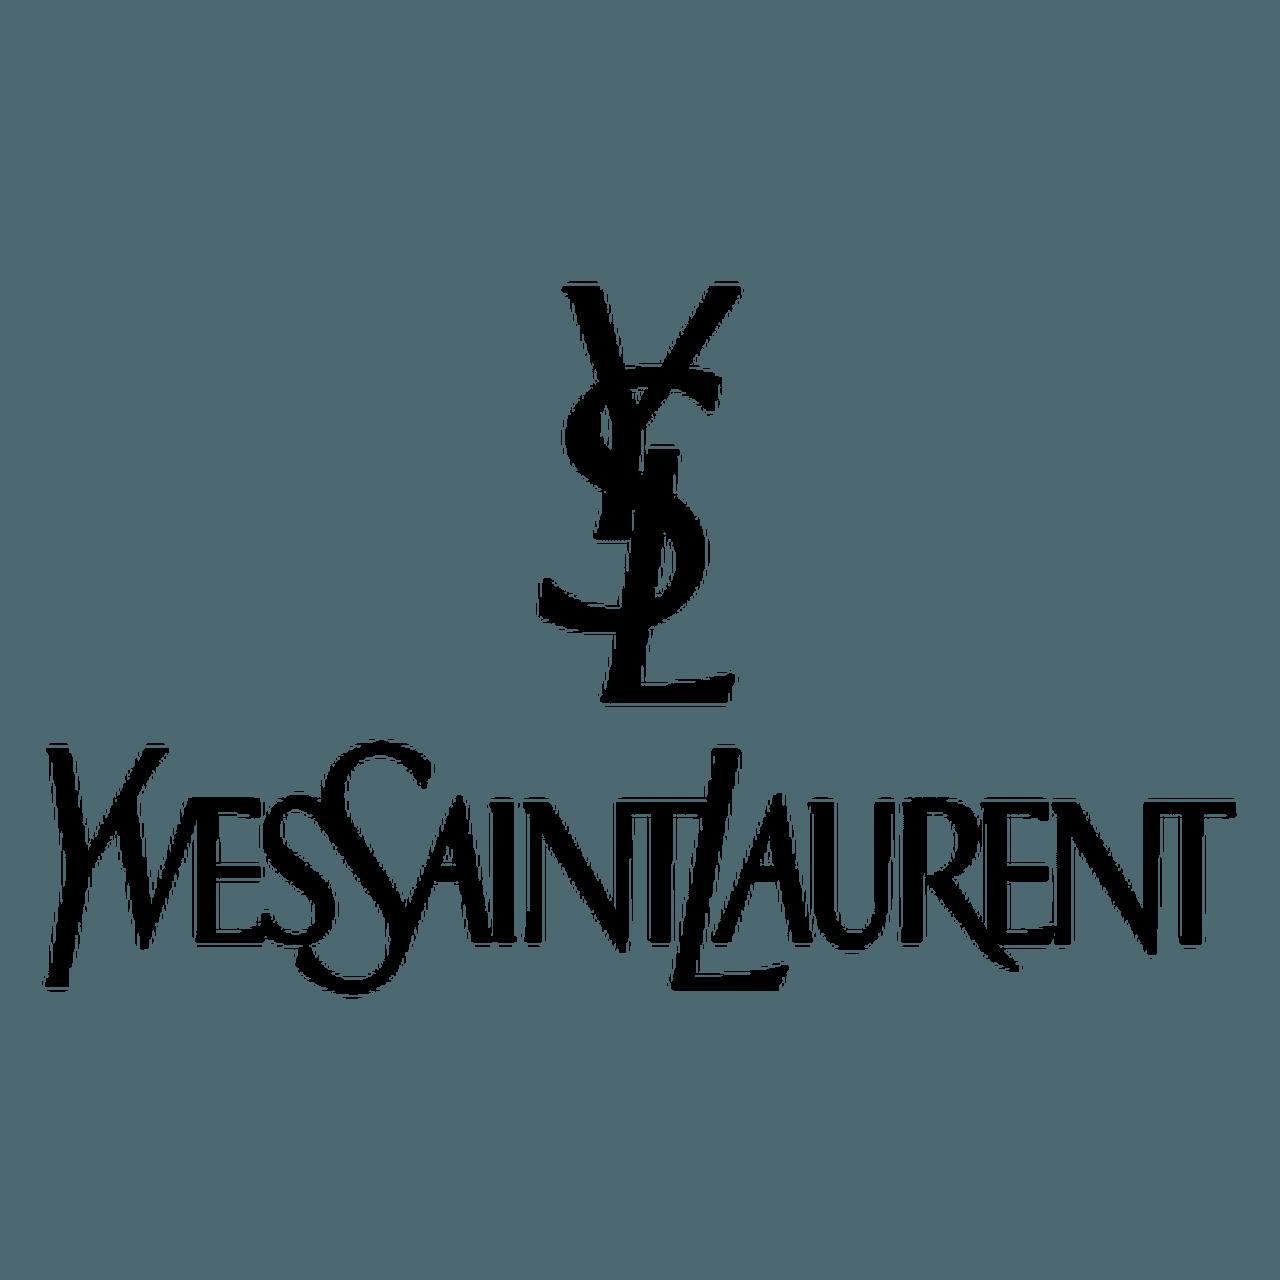 Yvesaintlaurent-ايف سان